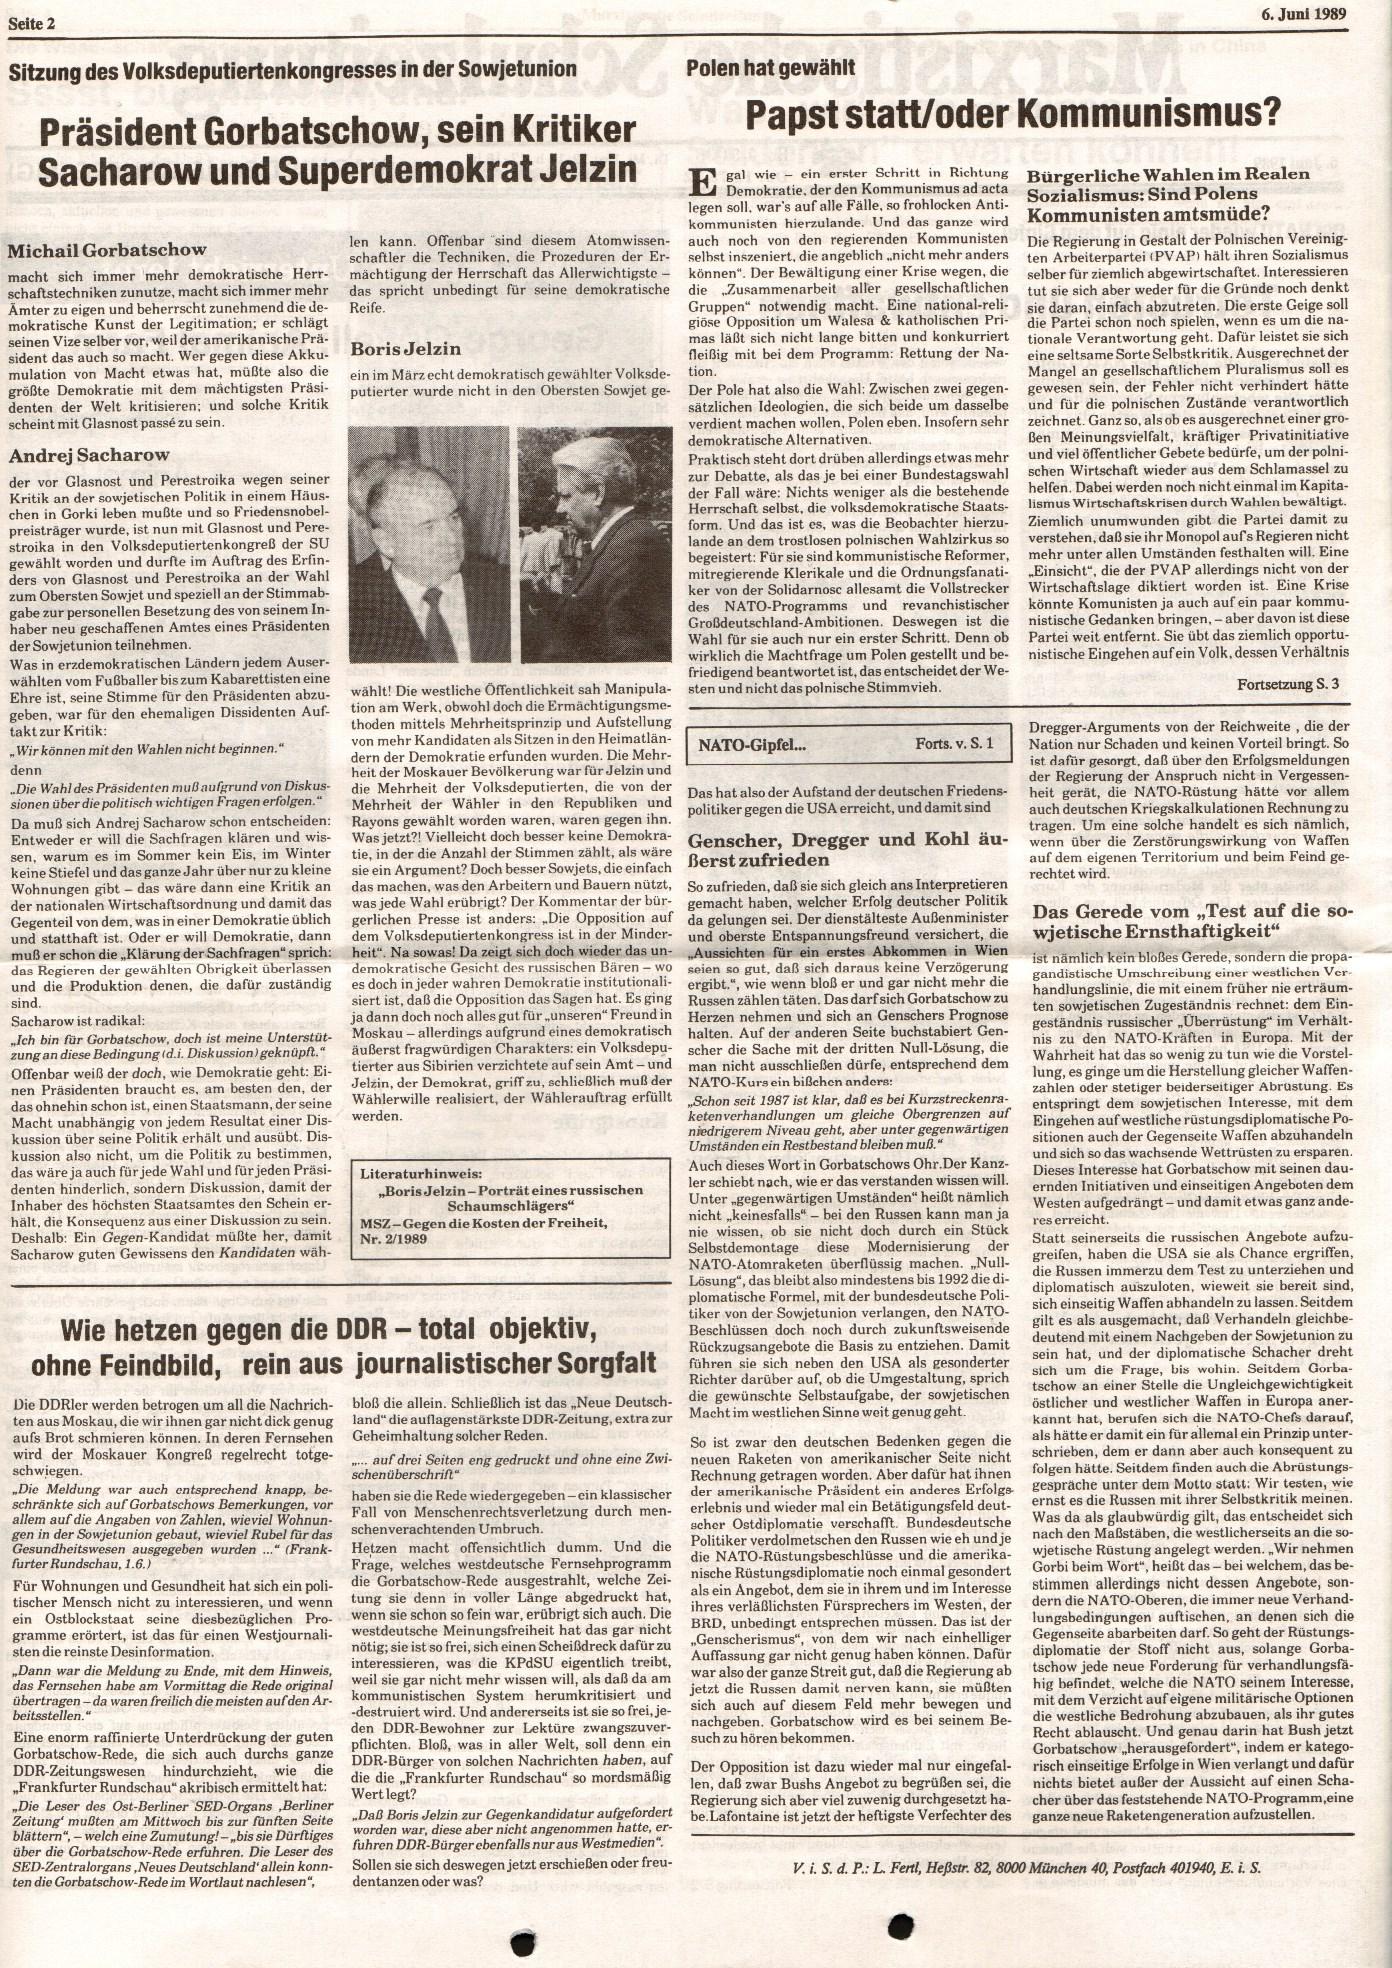 Ruhrgebiet_MG_Marxistische_Schulzeitung_19890606_02